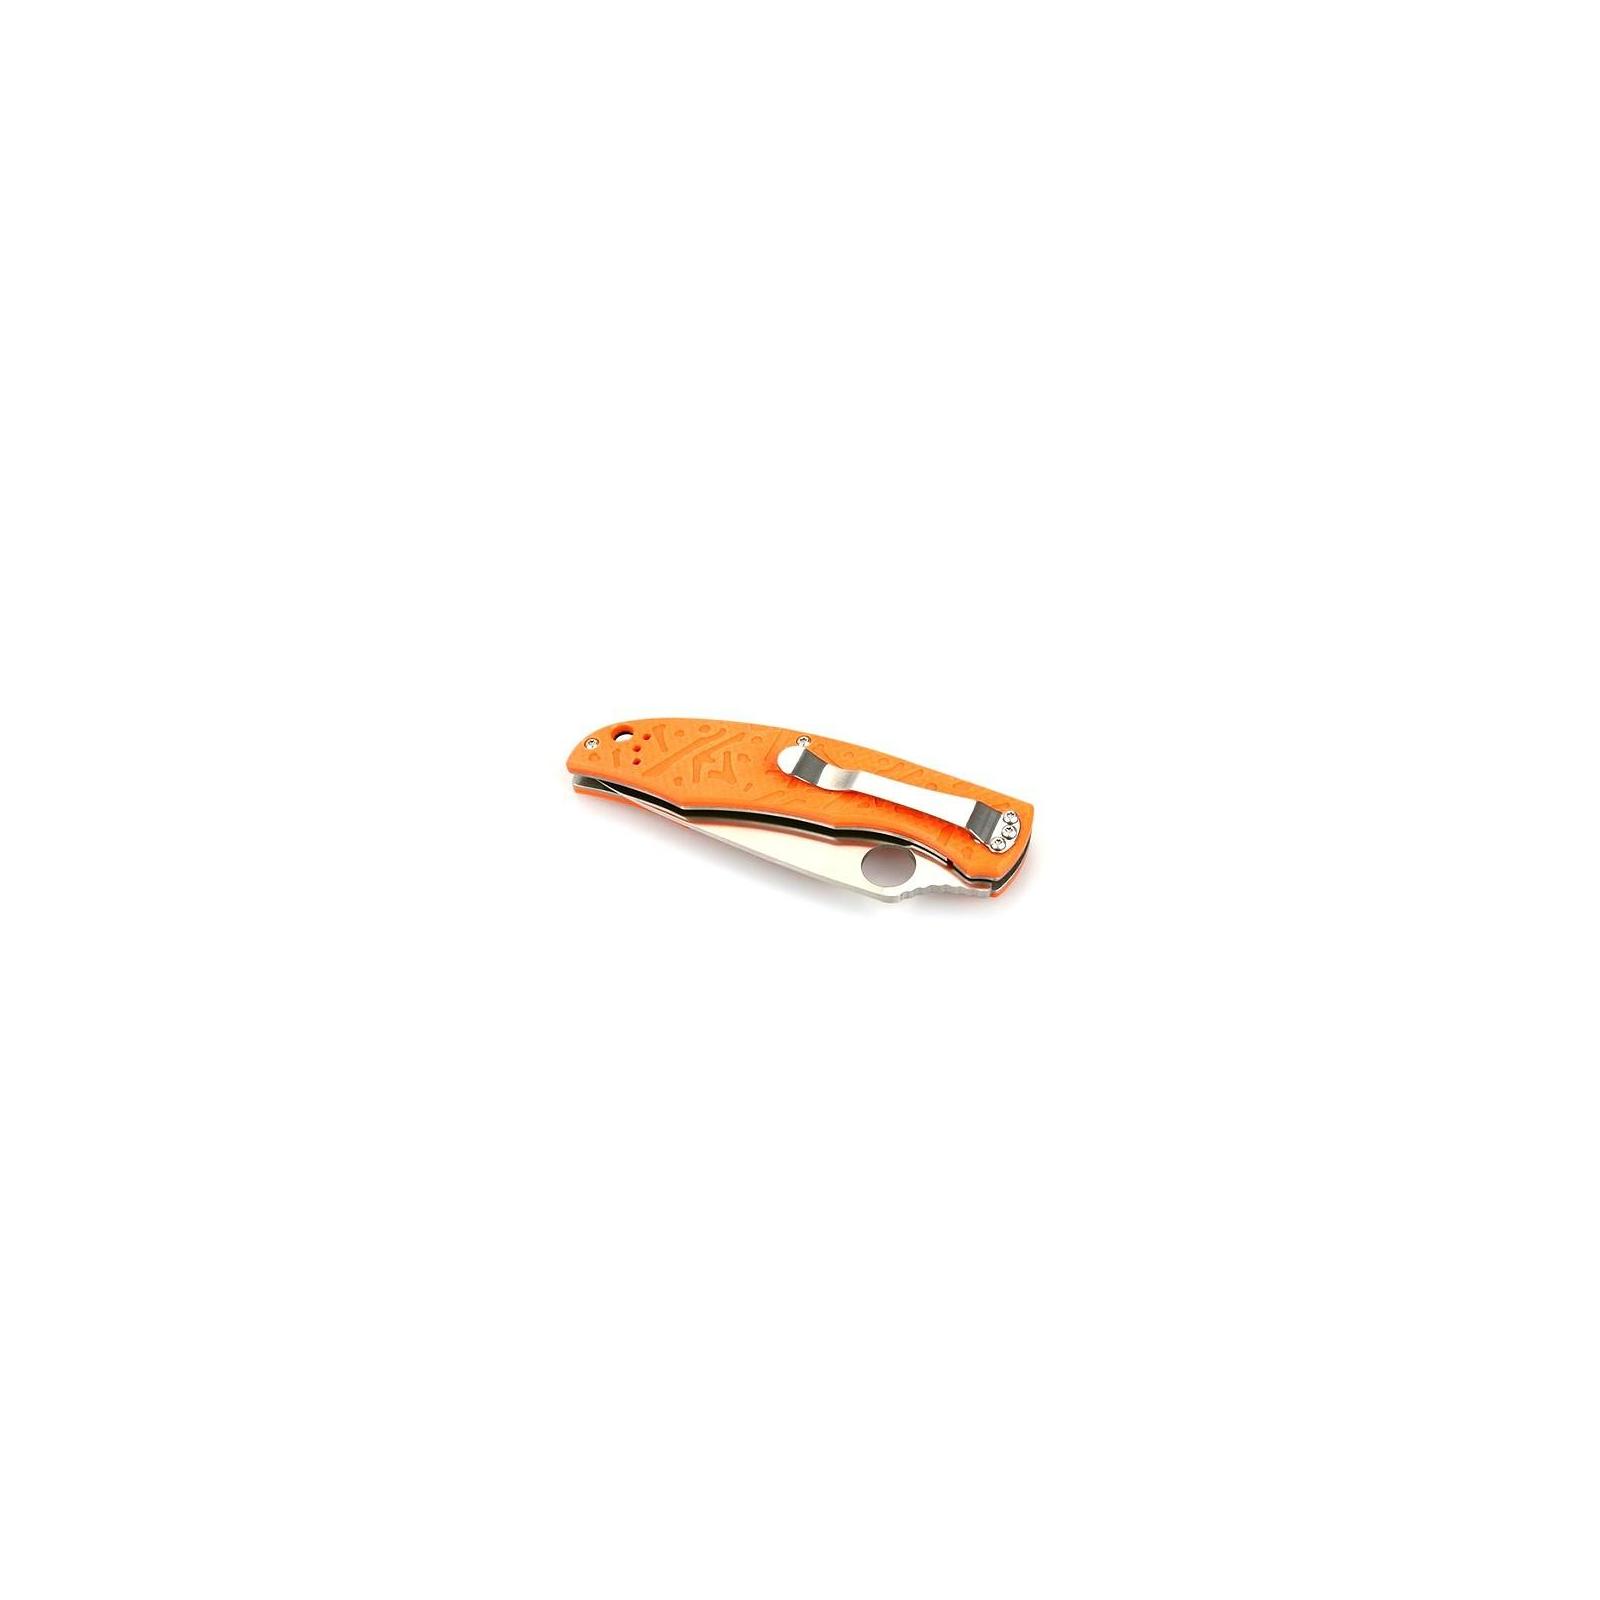 Нож Ganzo G7321-OR оранжевый (G7321-OR) изображение 6